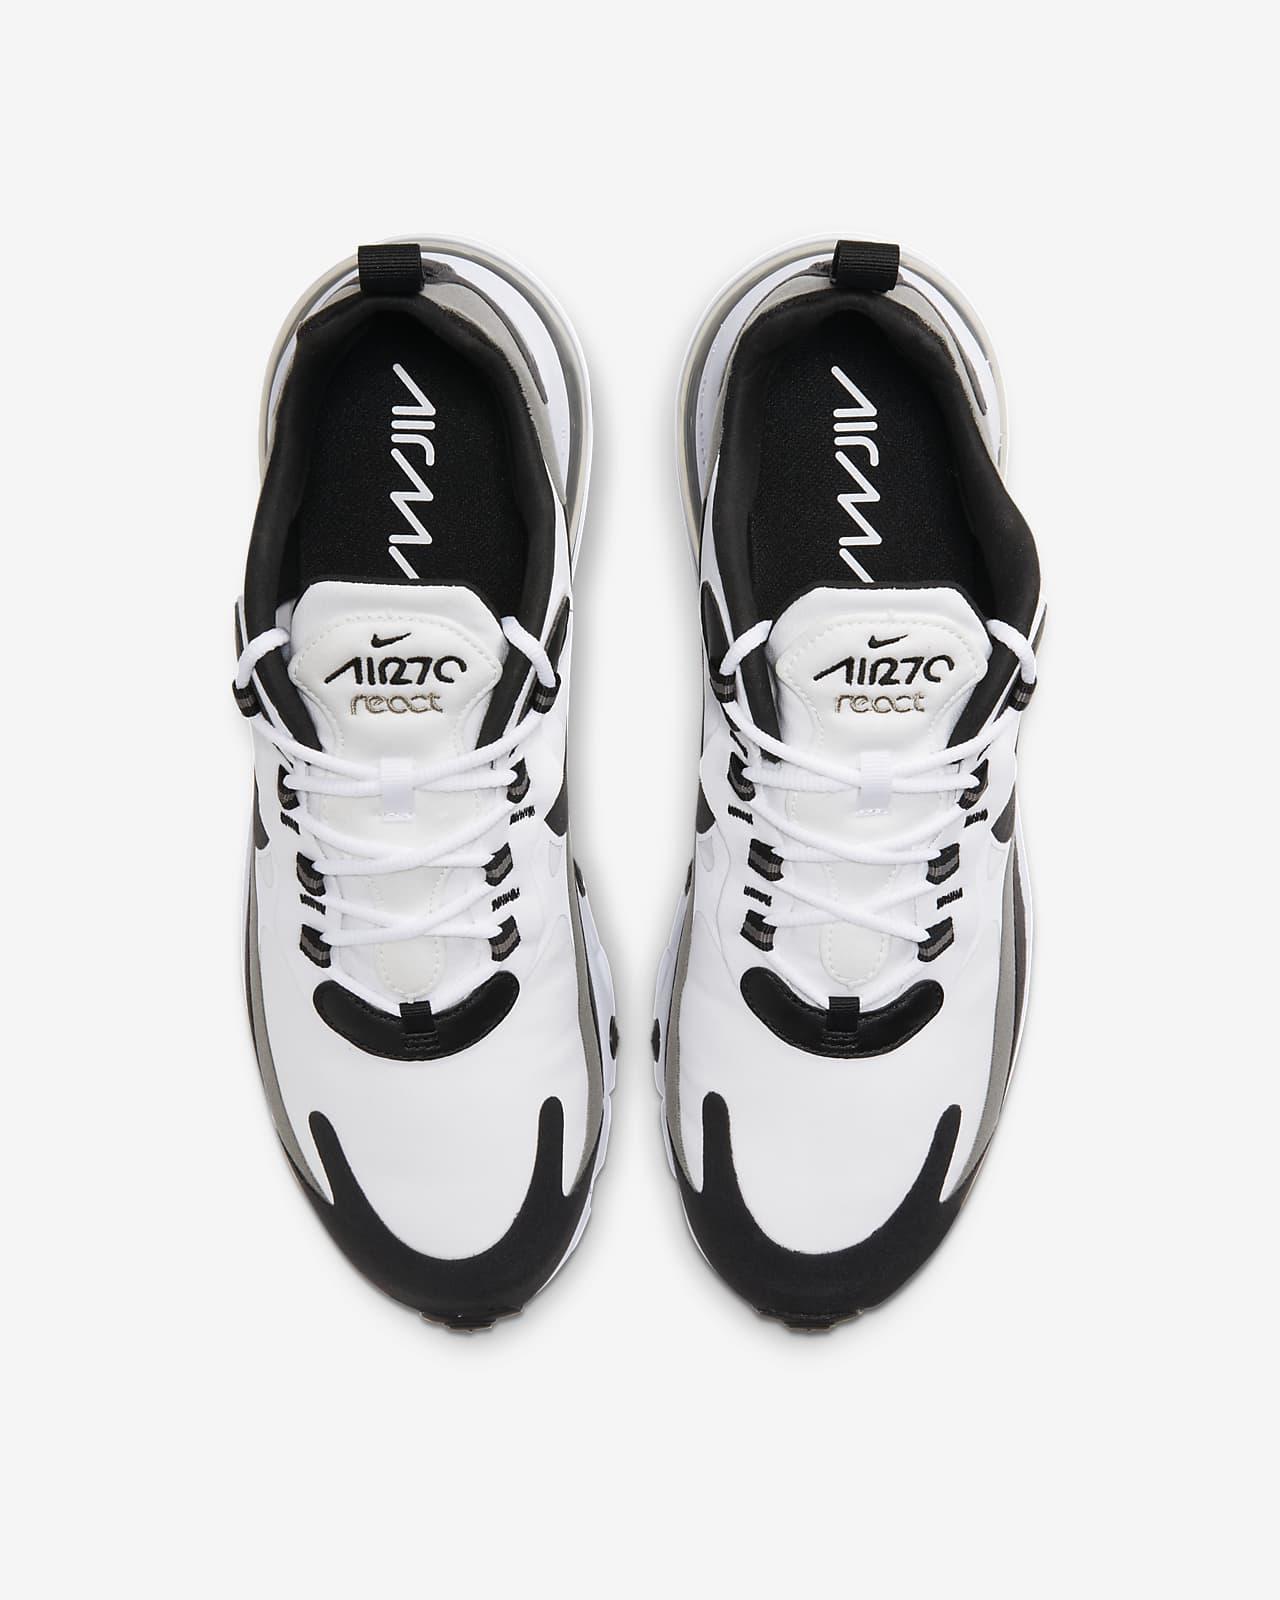 air max 270 react on feet men